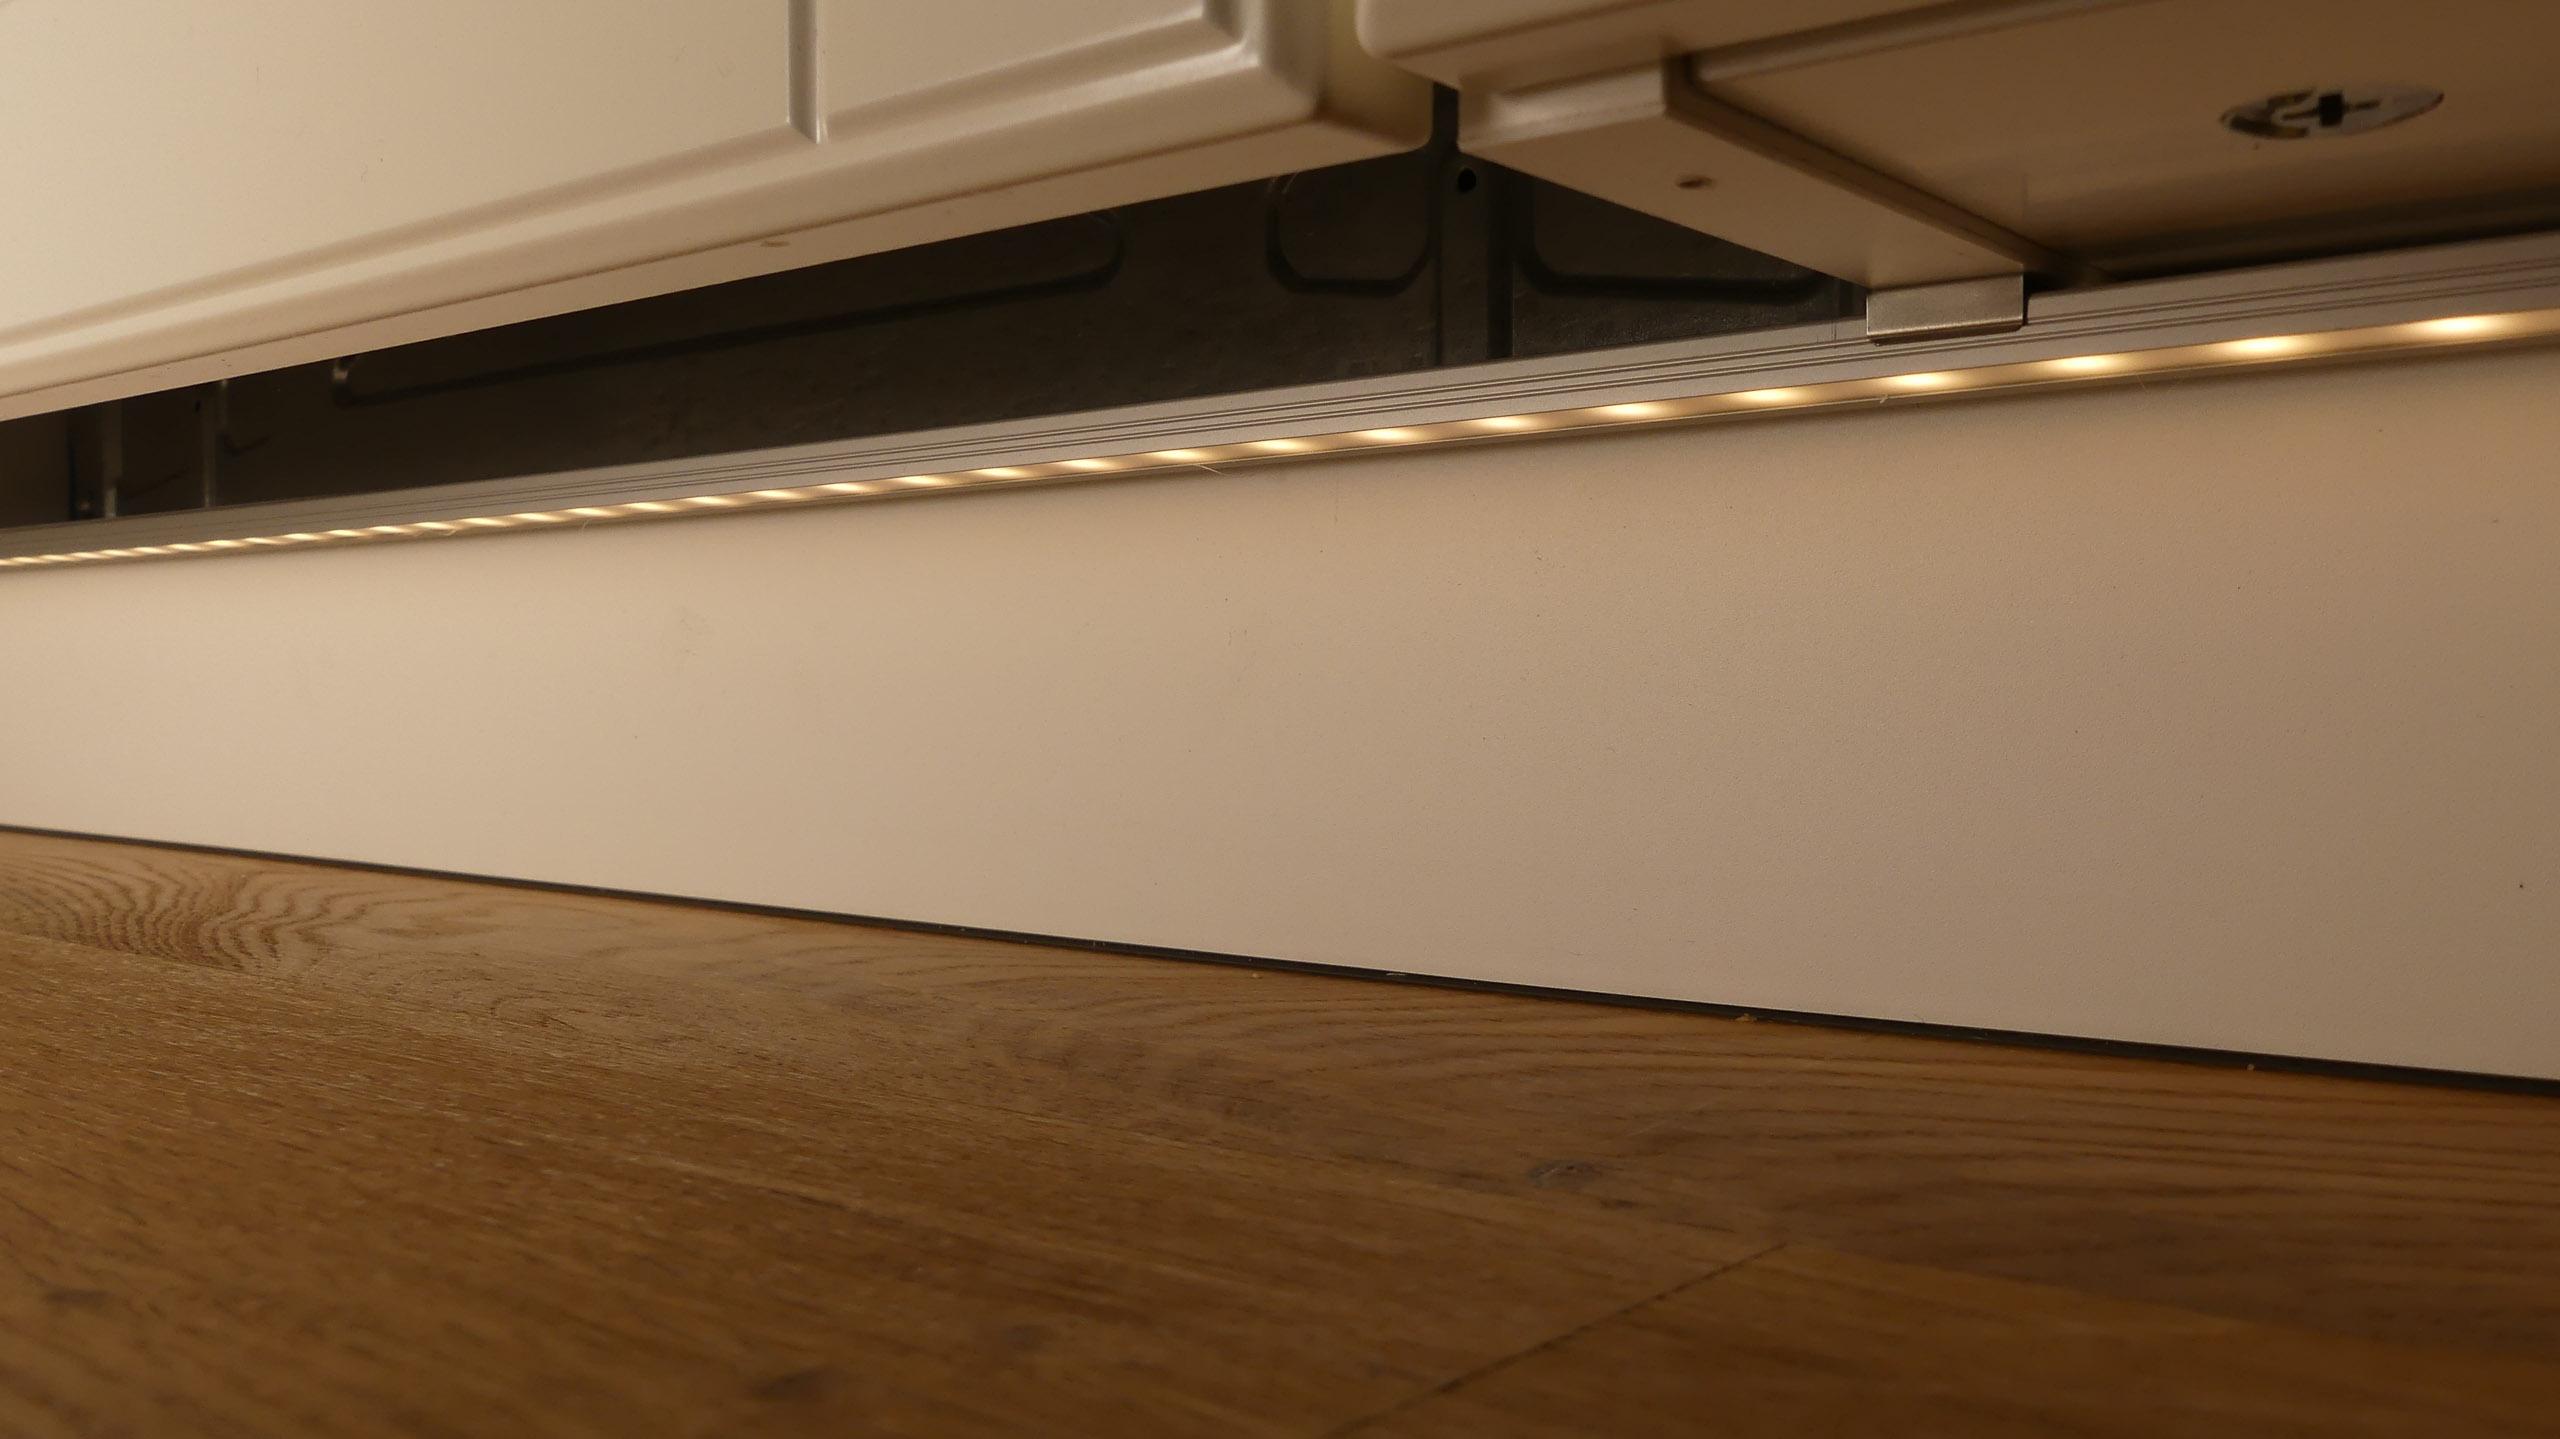 Full Size of Sockel Und Fuleisten Ikea Kitchen Küche Waschbecken Hochglanz Weiss Landhaus Wandverkleidung Laminat In Der Blende Fettabscheider Sitzgruppe Umziehen U Form Wohnzimmer Küche Sockelleiste